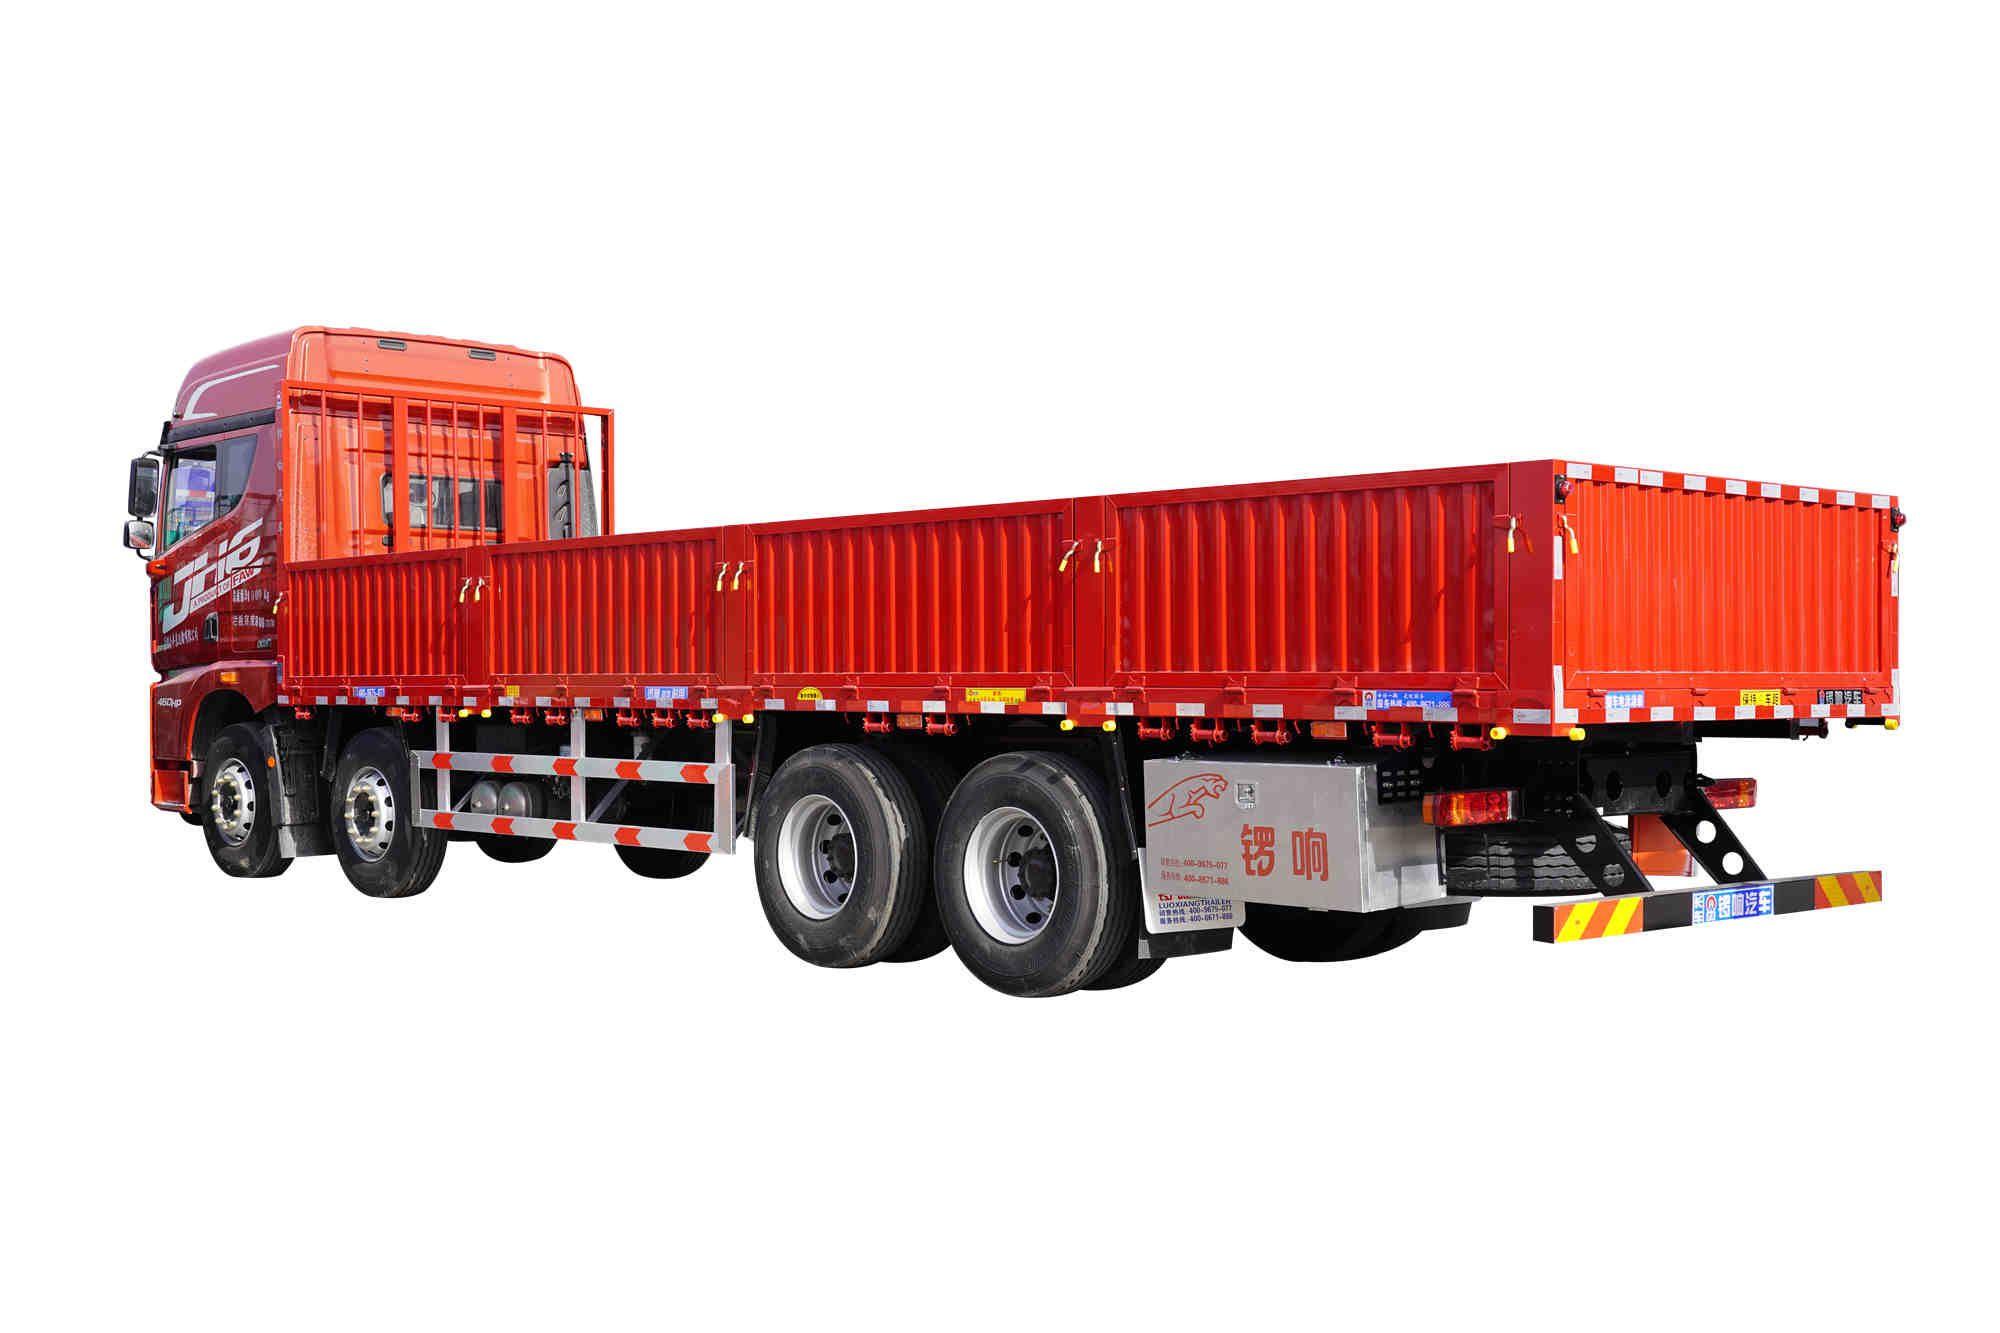 锣响轻型半挂车 栏板式载货车 物流运输车 铝合金轮胎